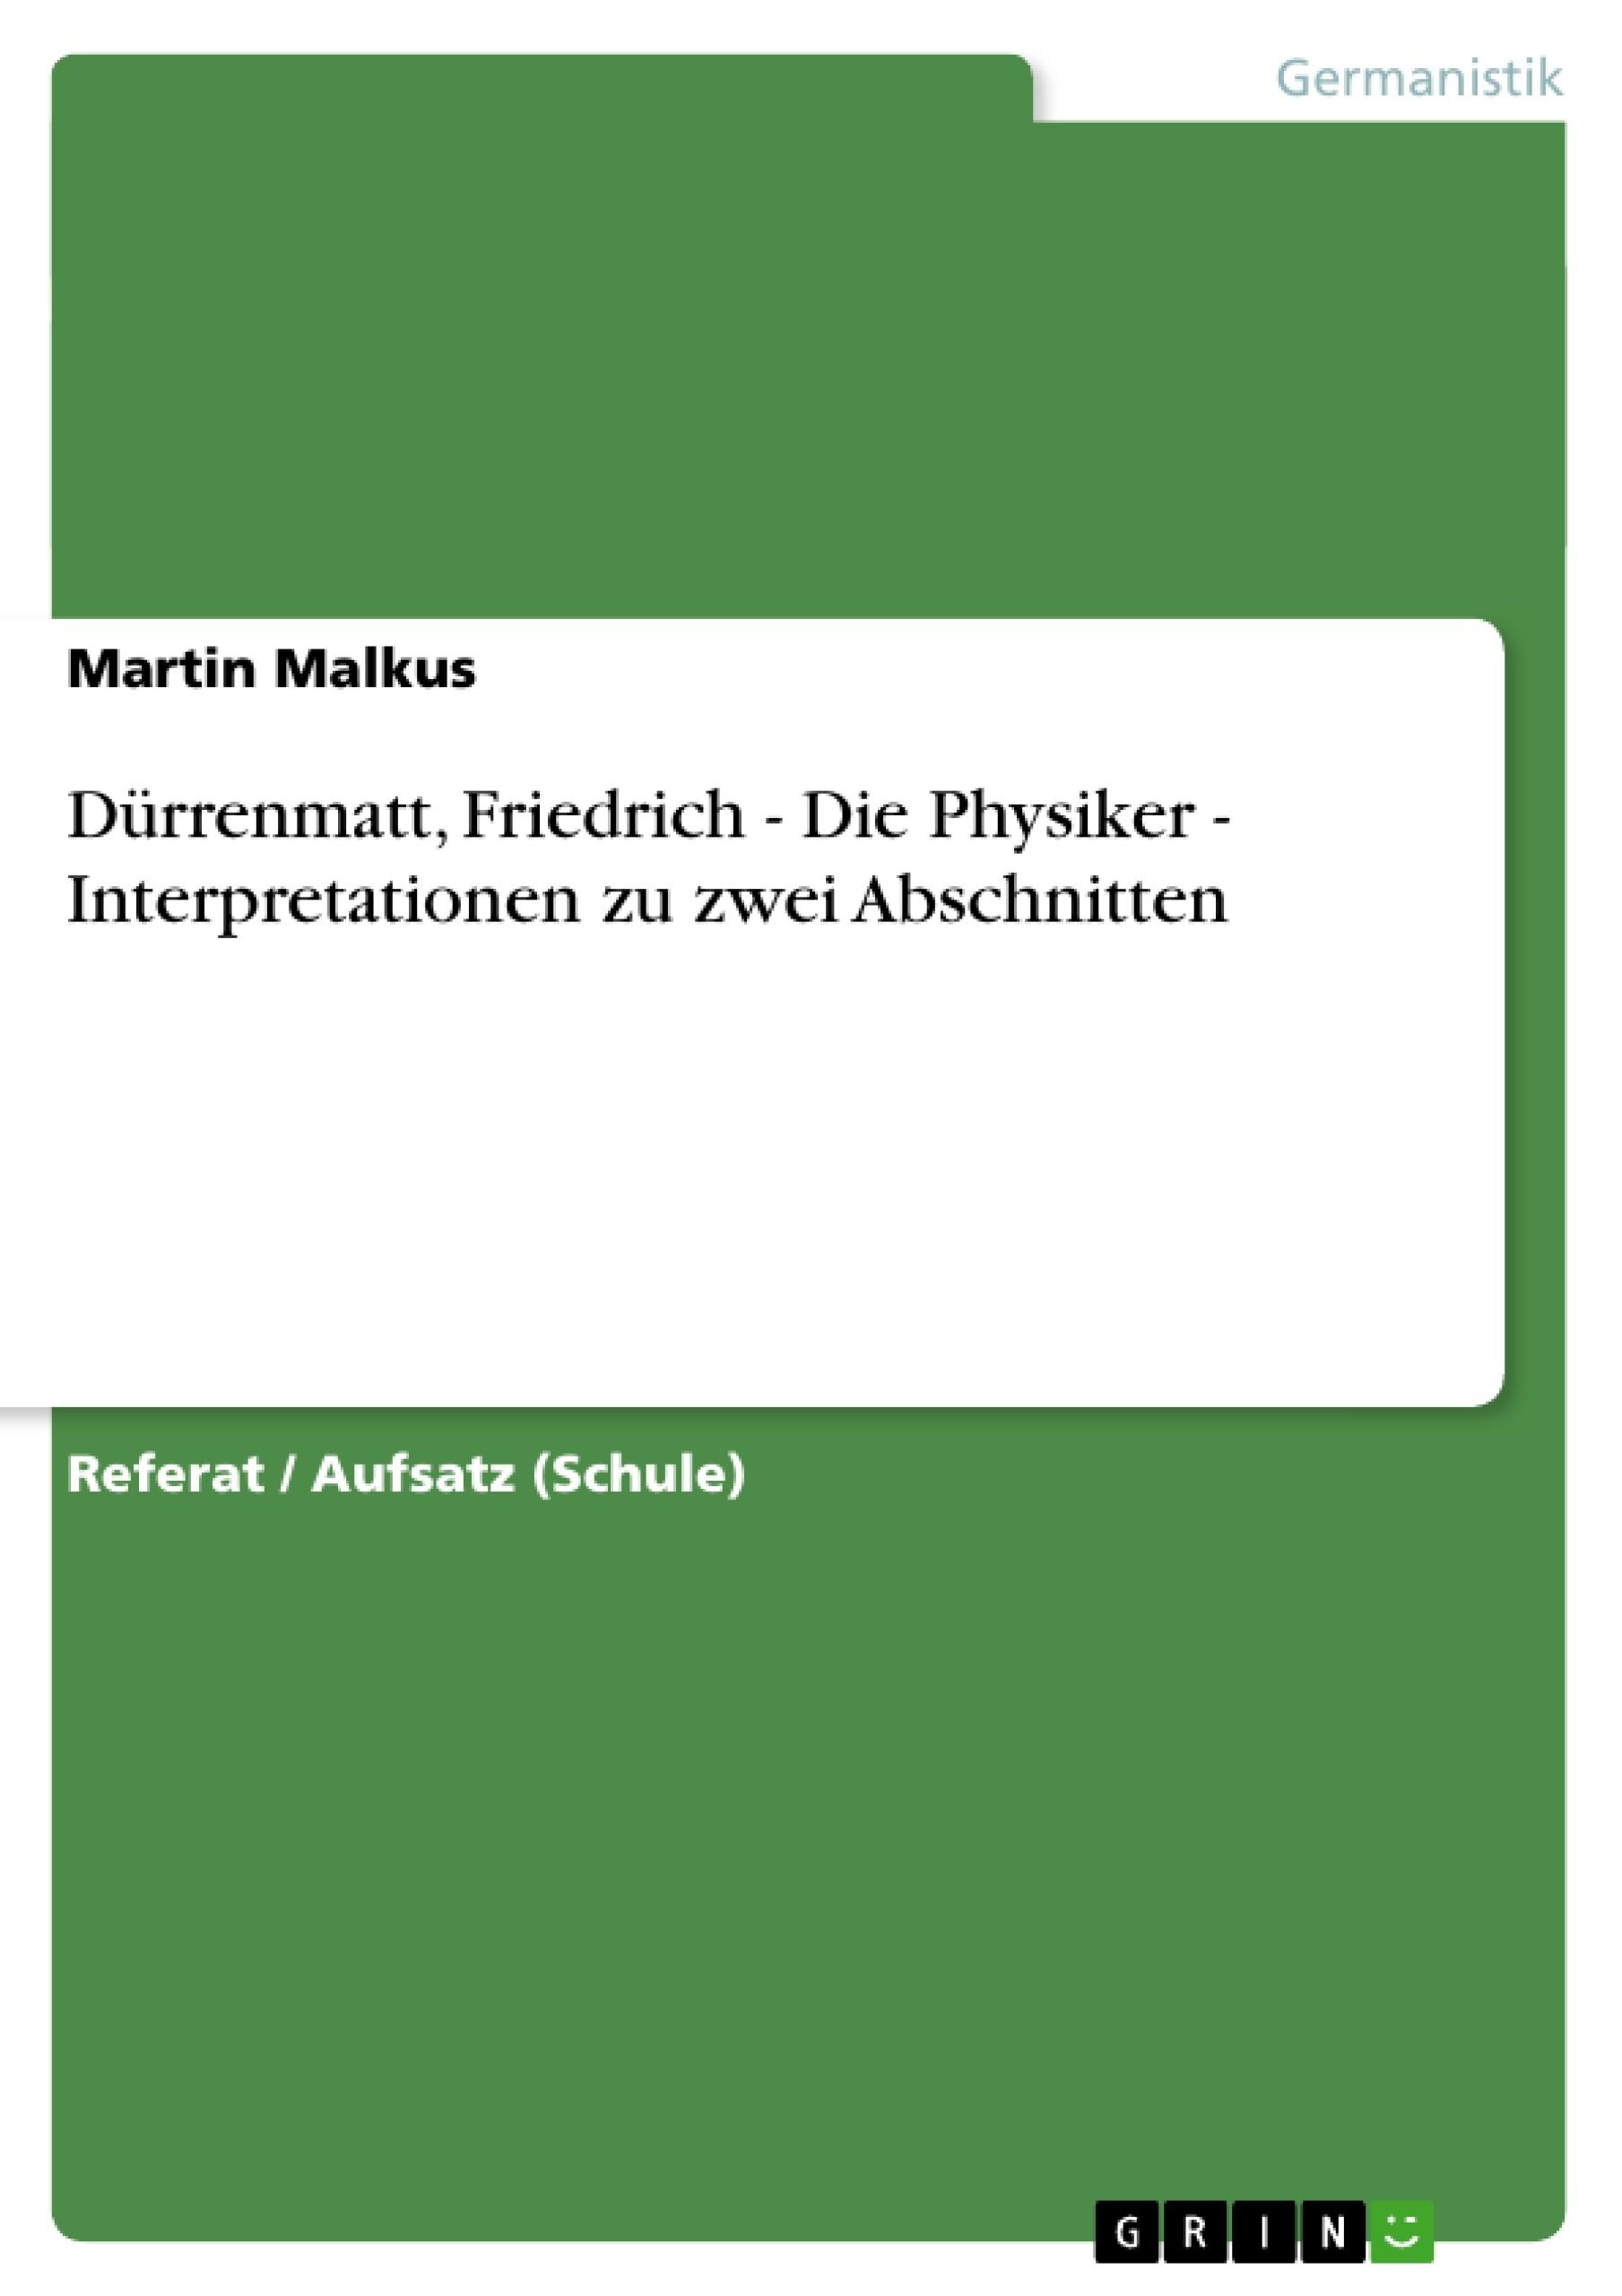 Titel: Dürrenmatt, Friedrich - Die Physiker - Interpretationen zu zwei Abschnitten